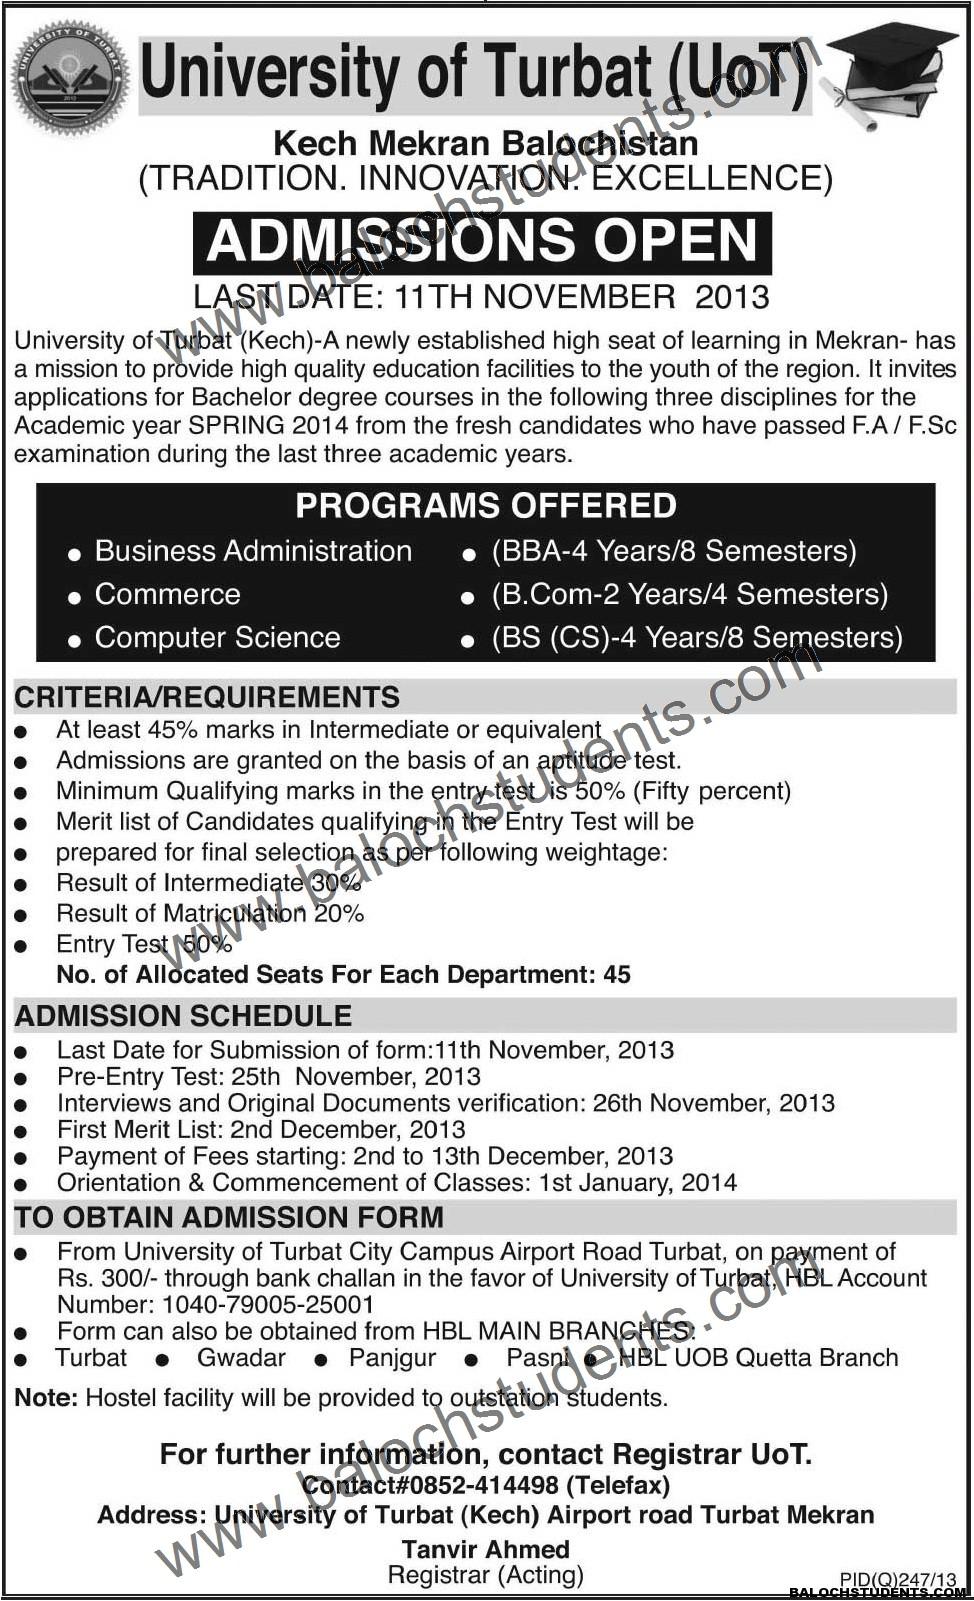 University Of Turbat- Admission Notice